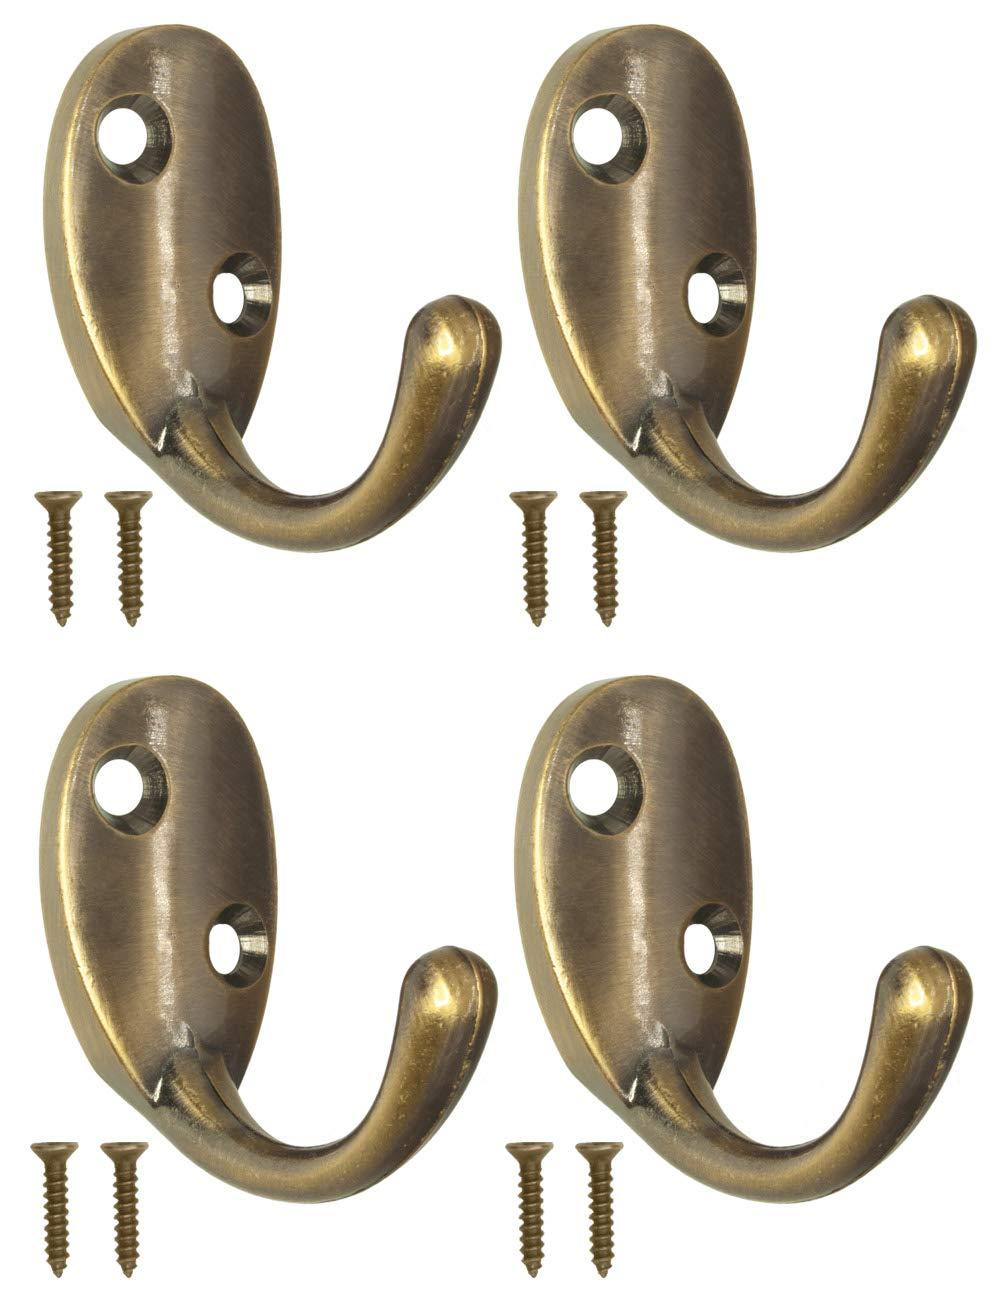 Antike Garderoben-Haken Kleider-Haken 4er Set Oval Antik Design Vintage Landhaus Retro FUXXER/® Wand-Haken Handtuch-Haken Farbe Bronze Eisen-Haken